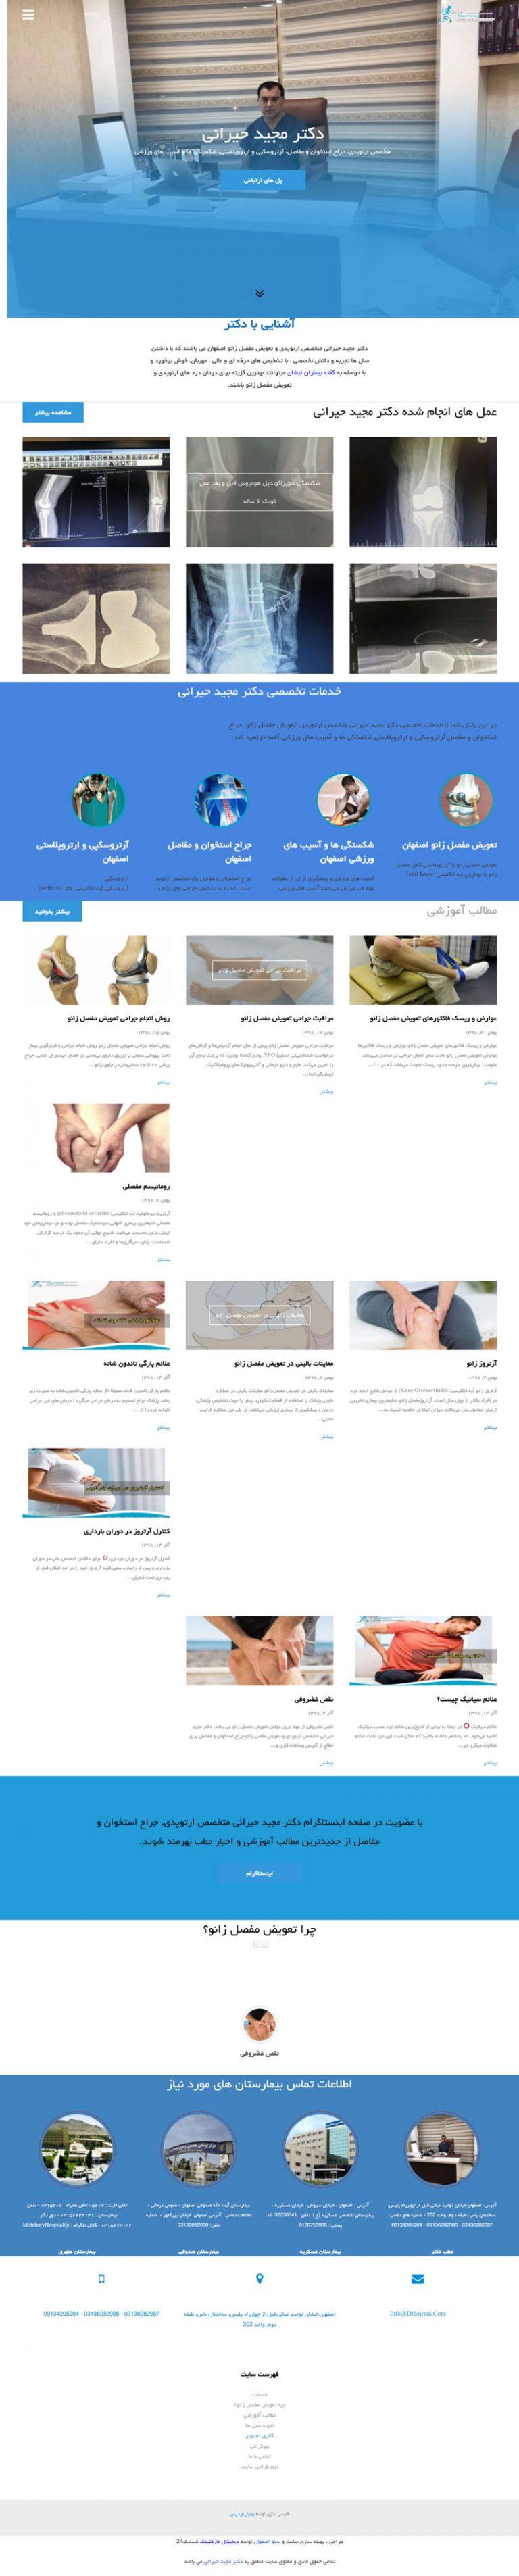 طراحی سایت دکتر مجید حیرانی